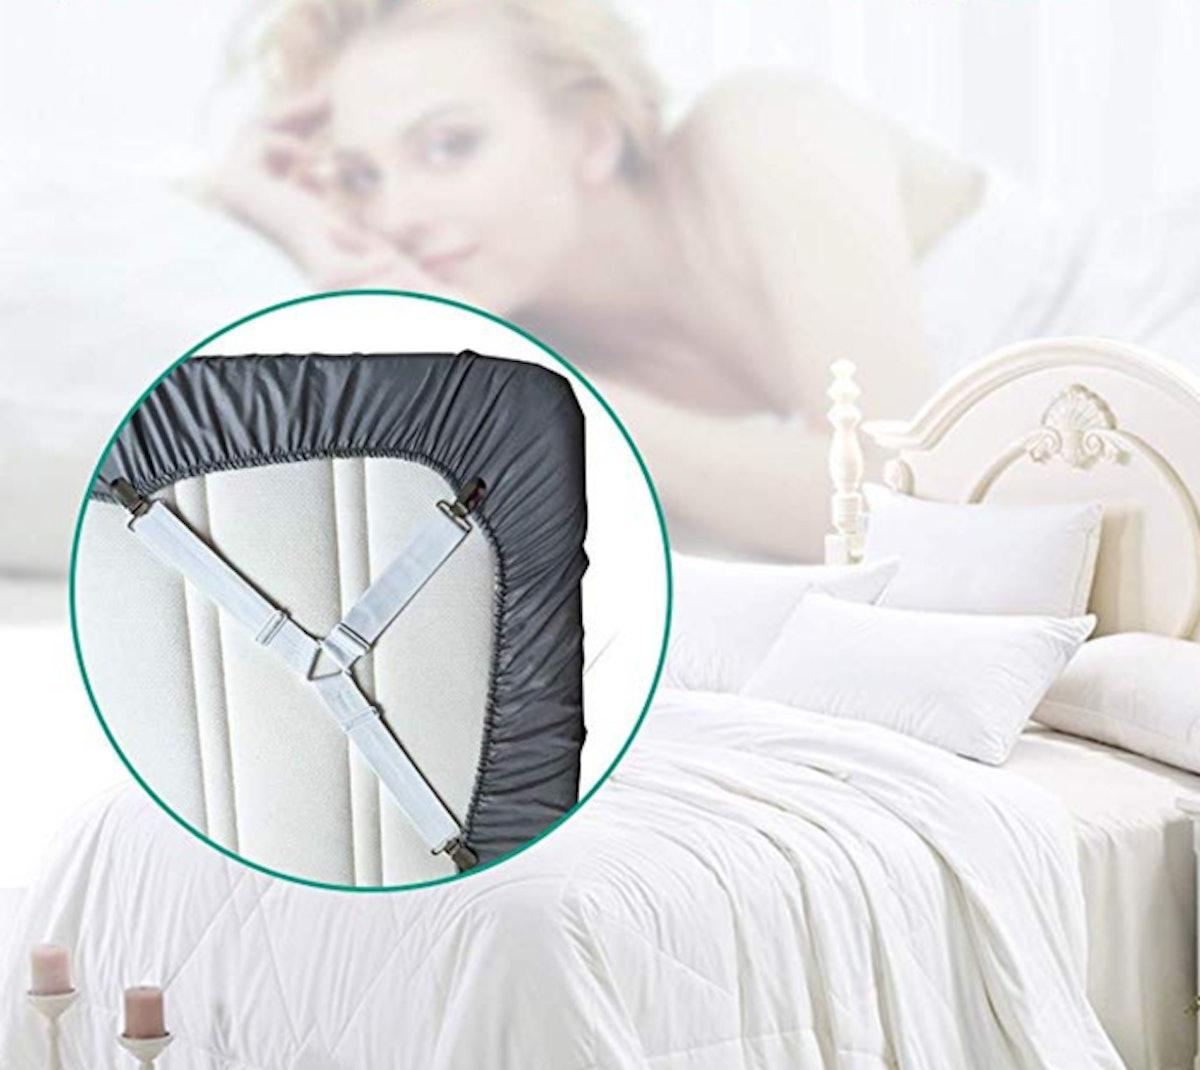 RayTour Bed Sheet Holder Straps